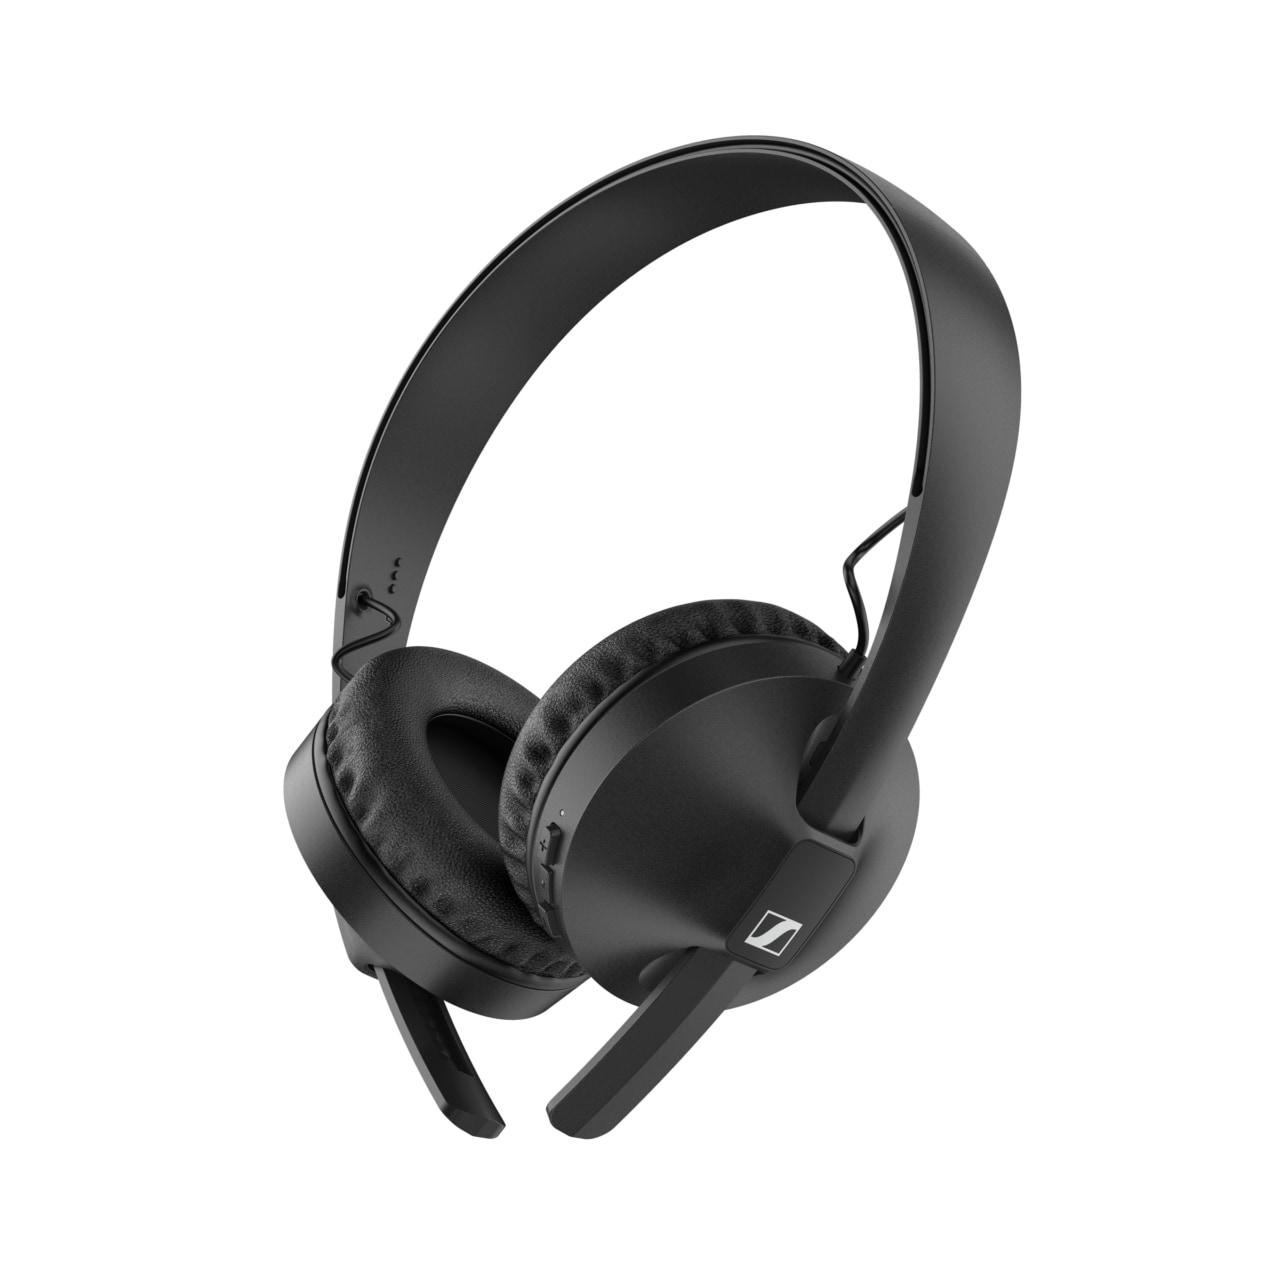 Sennheiser HD 250BT: le cuffie dall'alto comfort e qualità del suono adatte per tutti i giorni (foto)